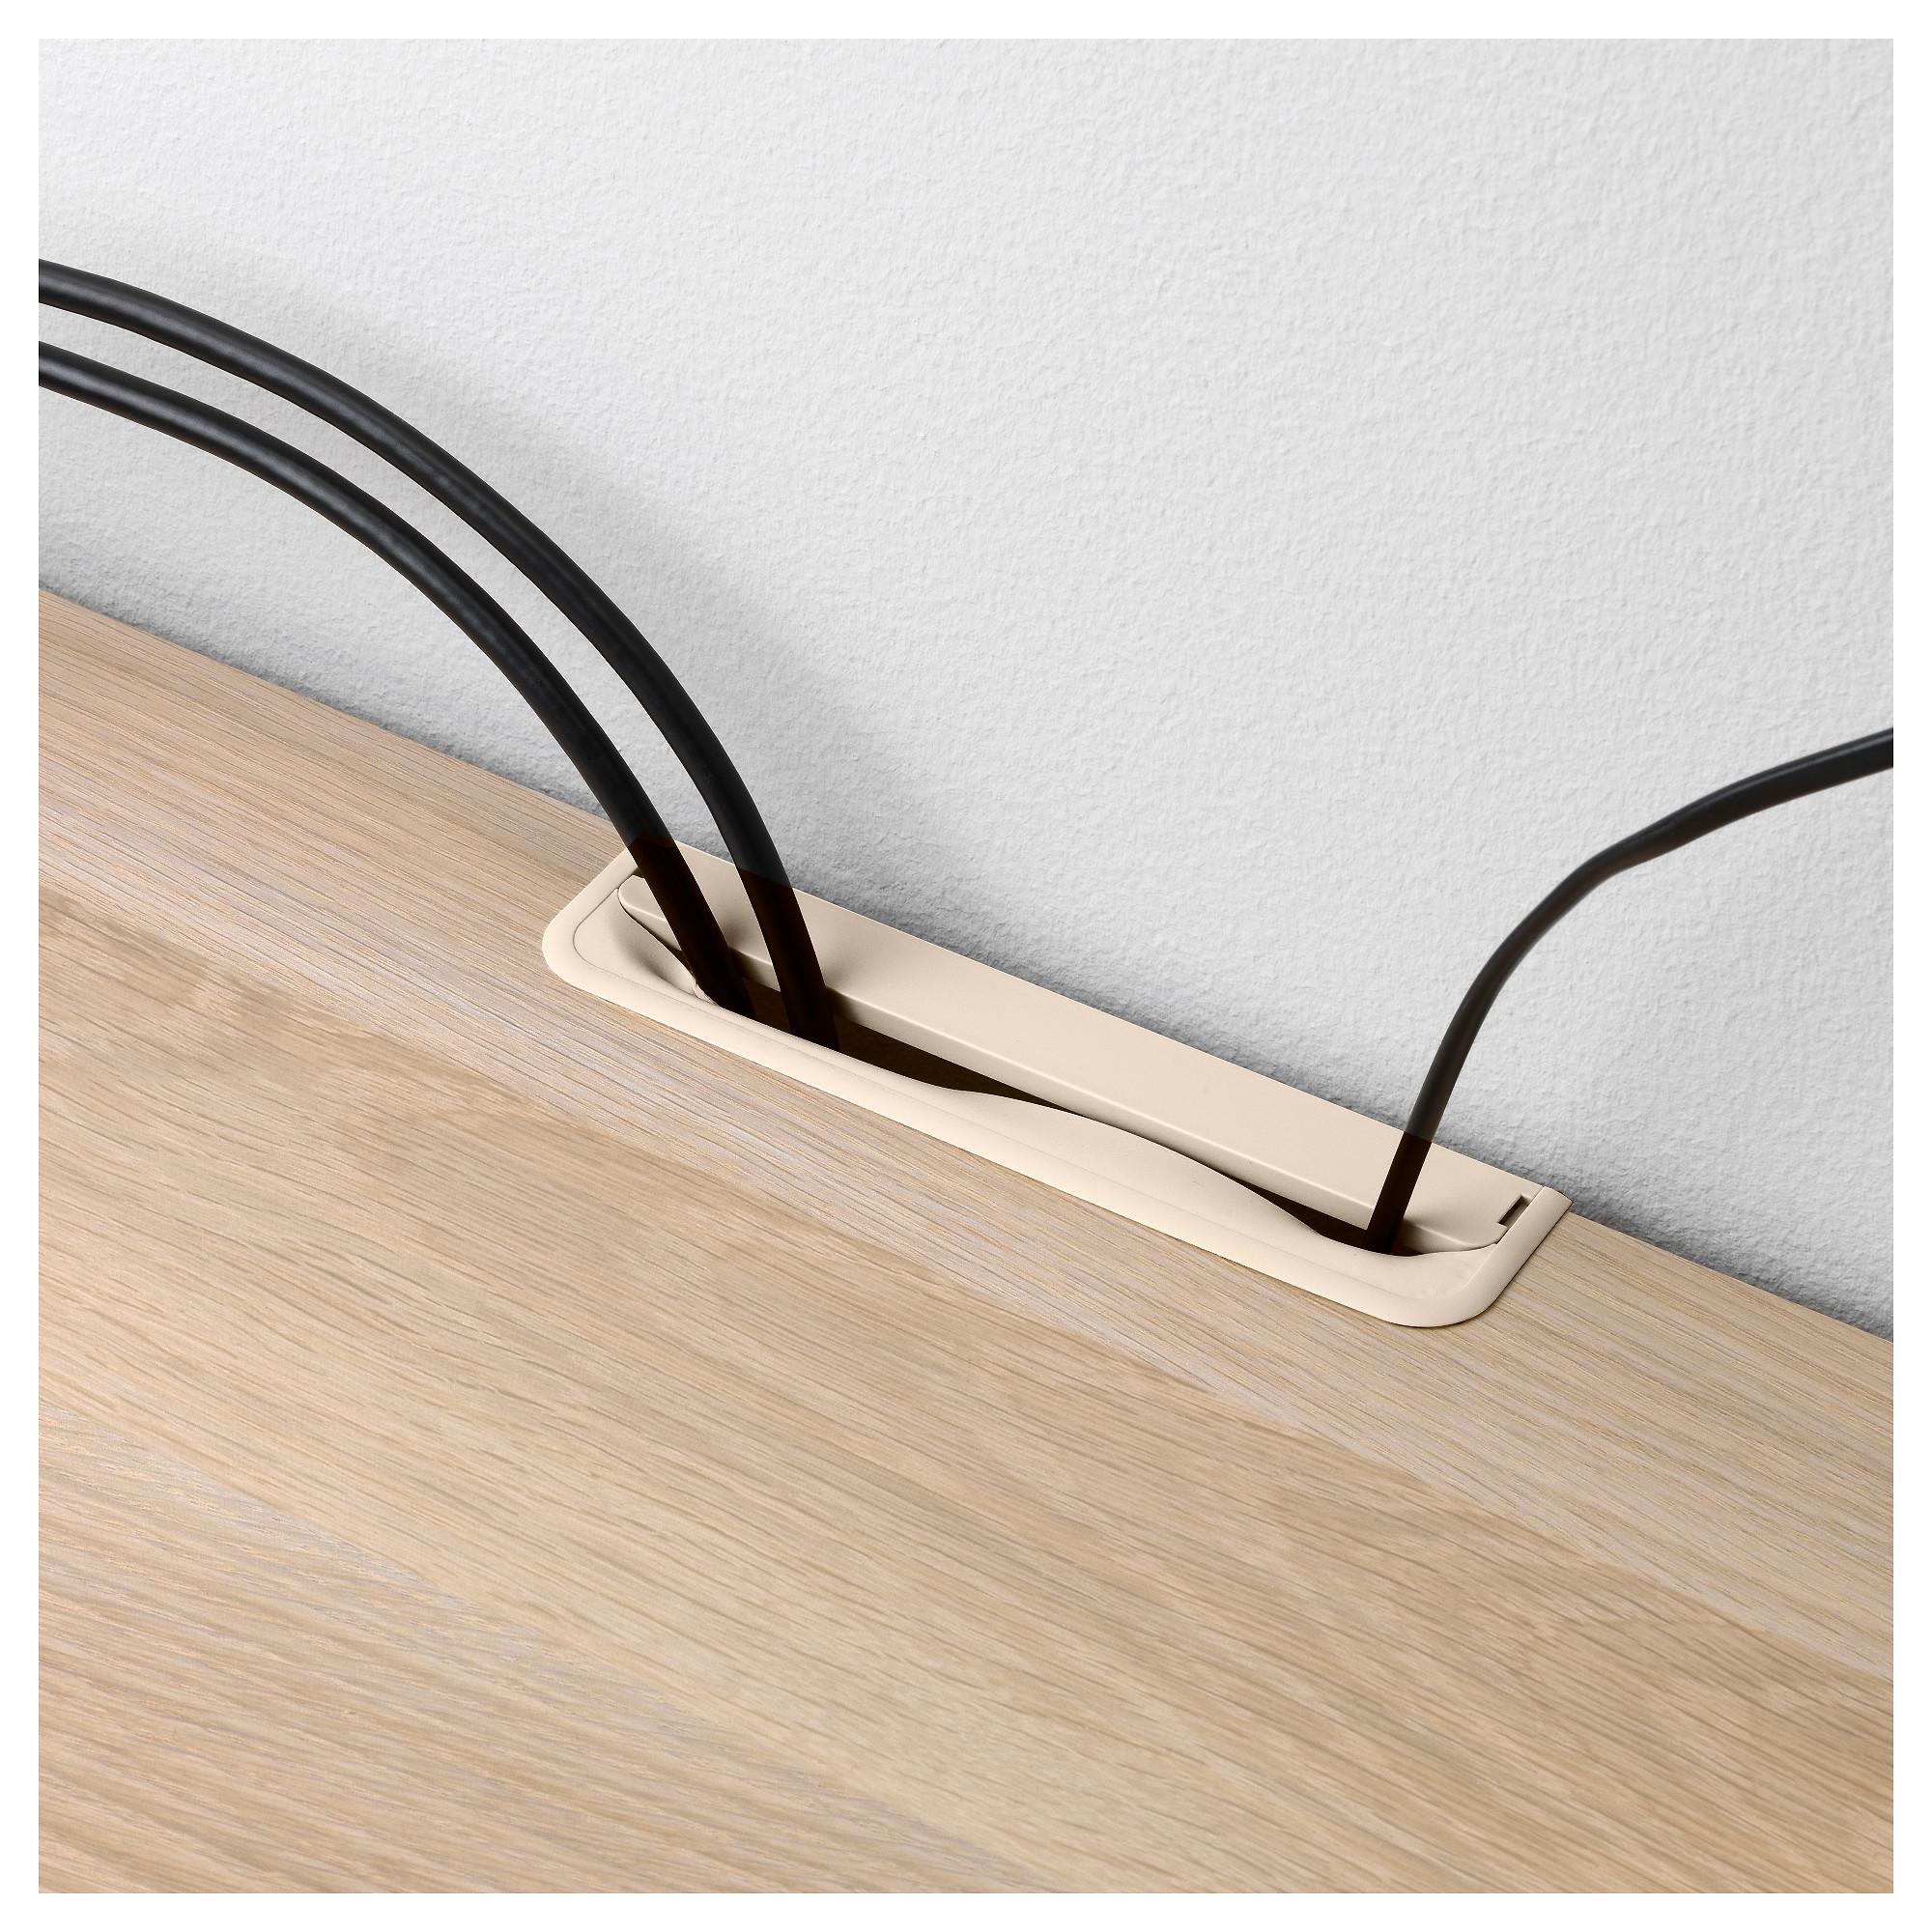 Шкаф для ТВ, комбинированный, стекляные дверцы БЕСТО артикуль № 392.505.02 в наличии. Интернет магазин IKEA РБ. Быстрая доставка и соборка.